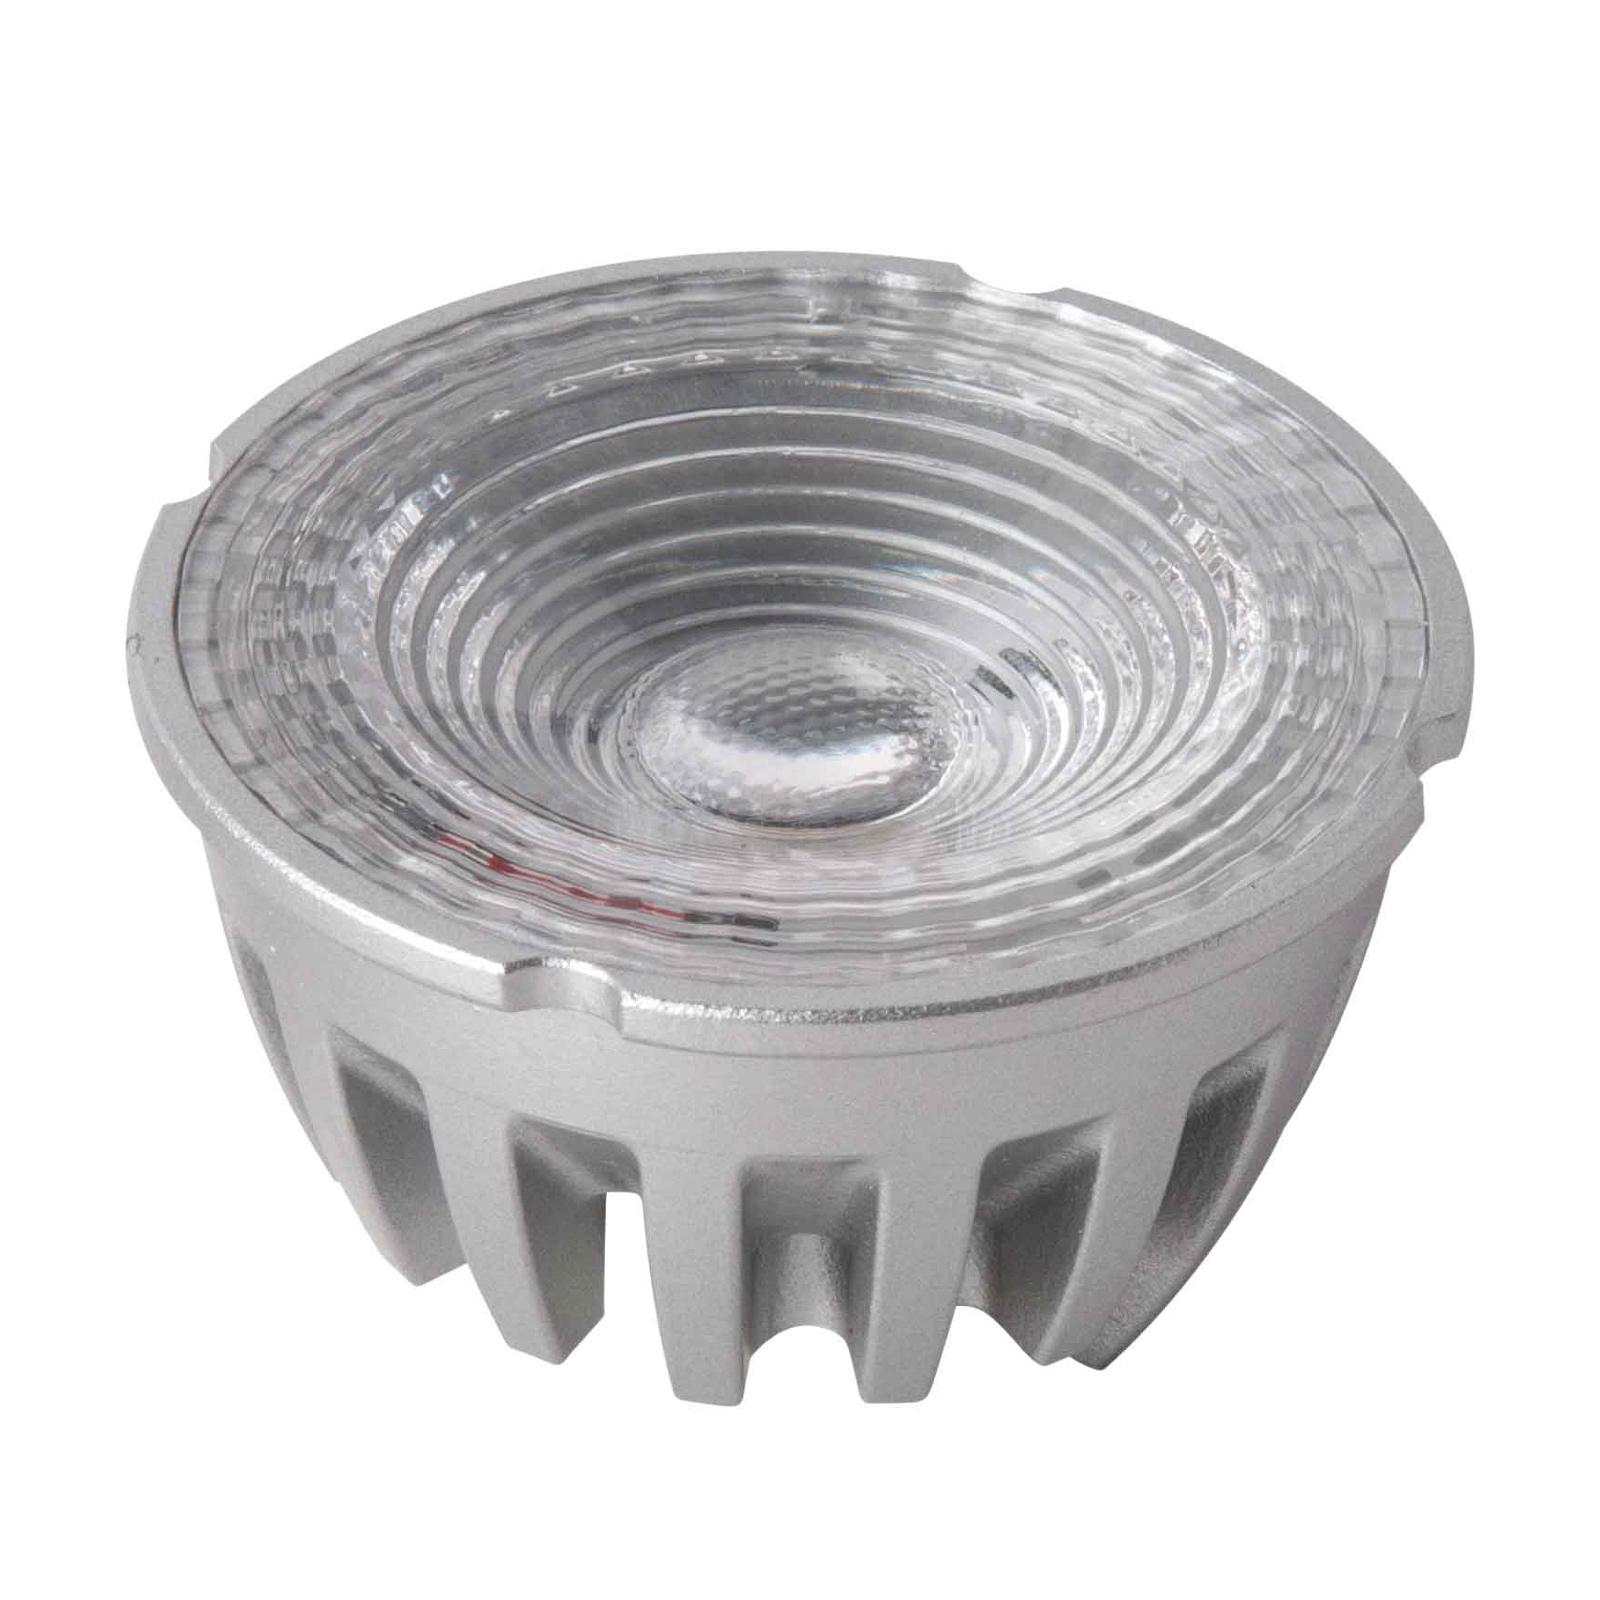 LED-Reflektor Puck Hybrid 6W dim to warm